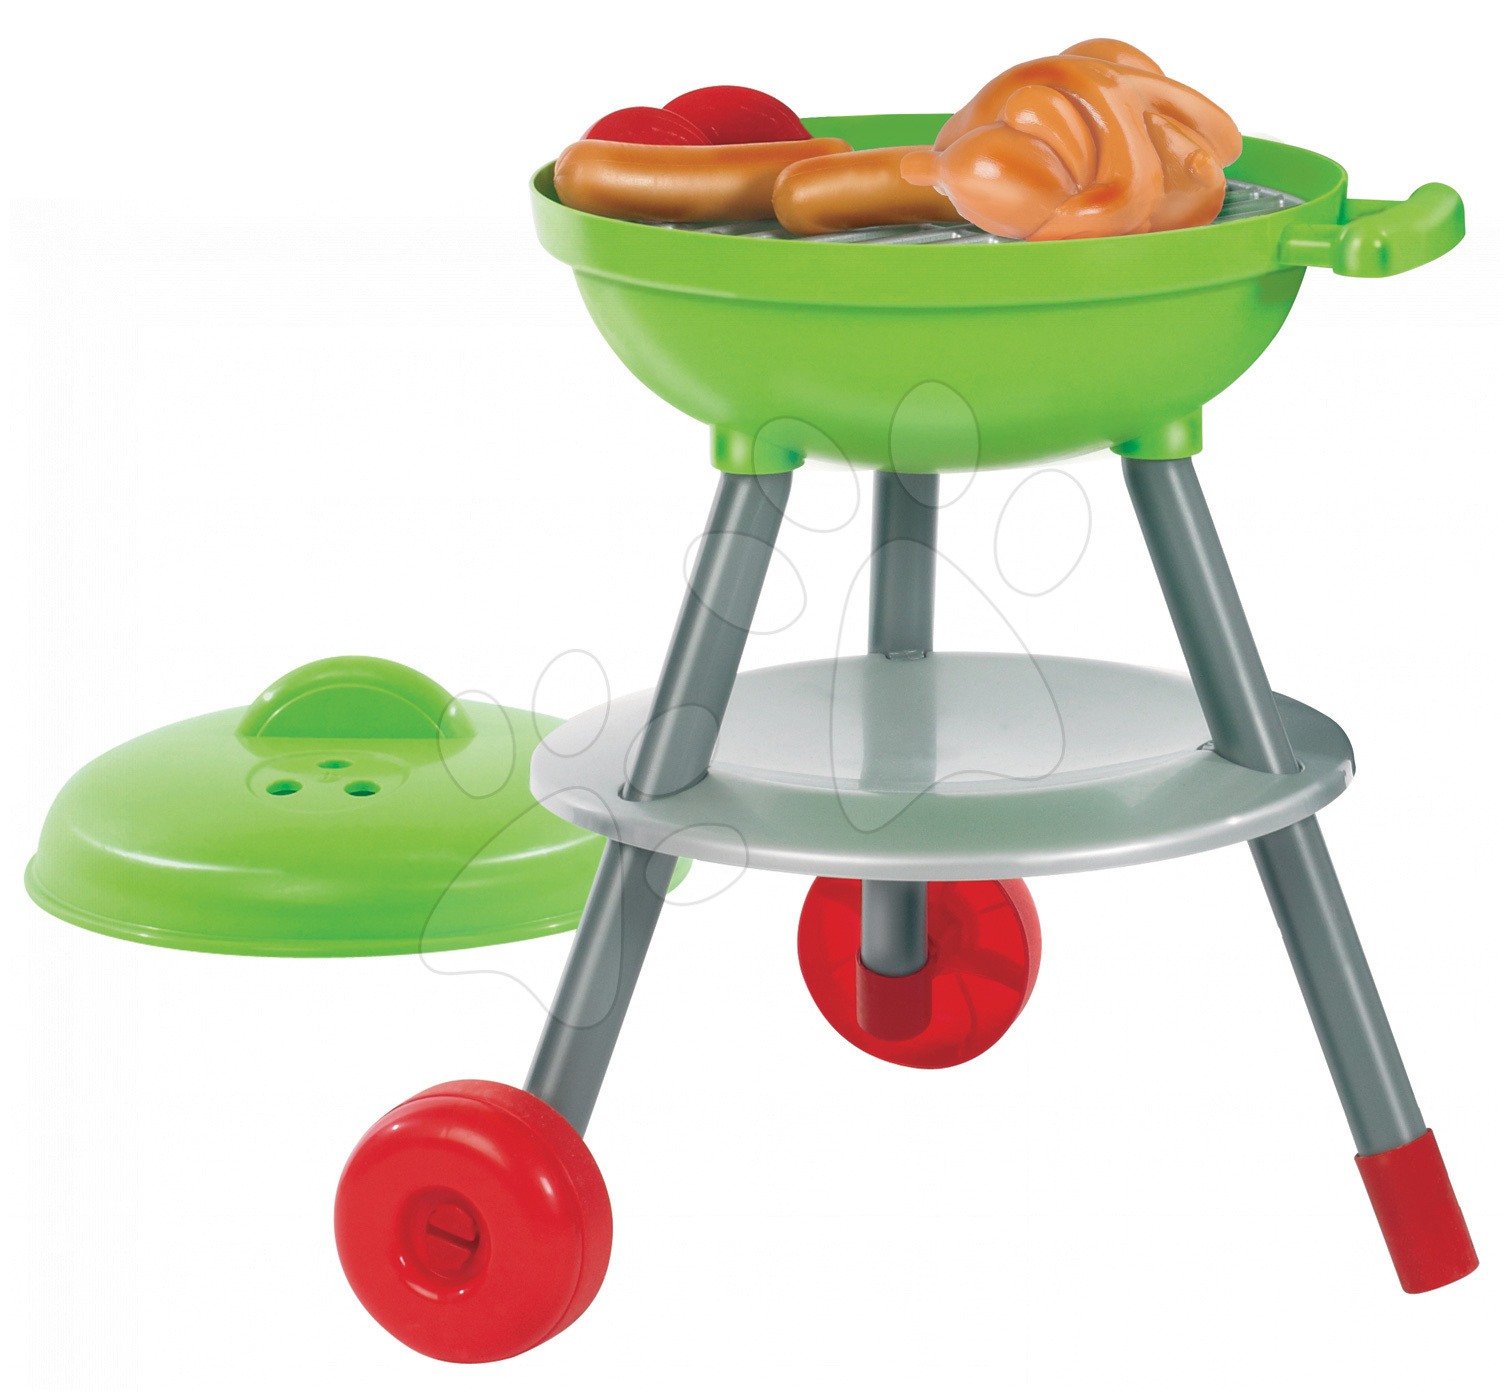 Hry na zahradníka - Grilovací stolek Picnic Écoiffier 16 doplňků od 18 měsíců